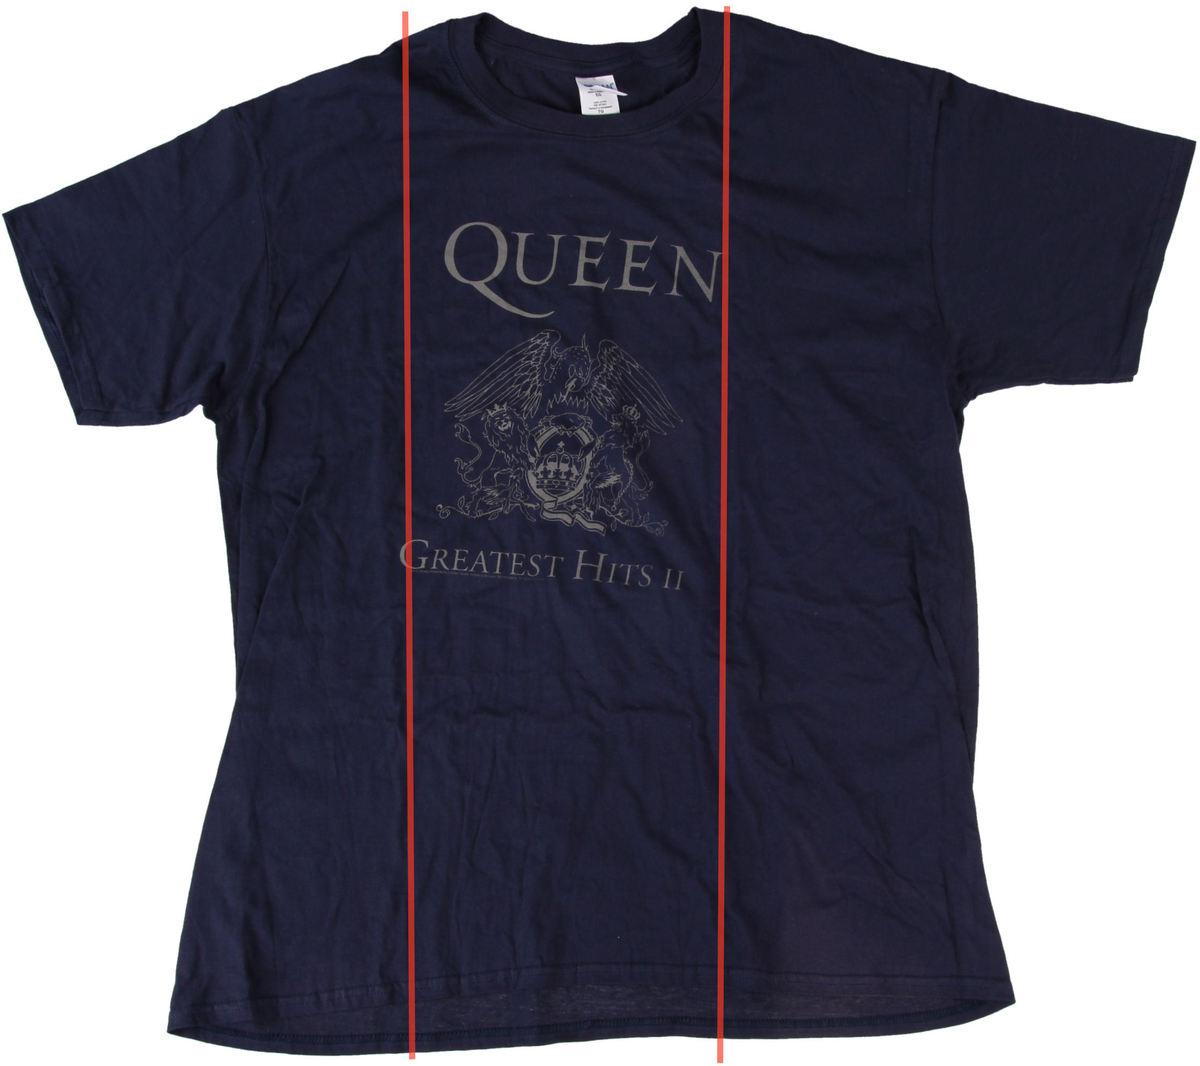 tričko pánské Queen - Greatest Hits II - Navy - BRAVADO EU - POŠKOZENÉ - N144